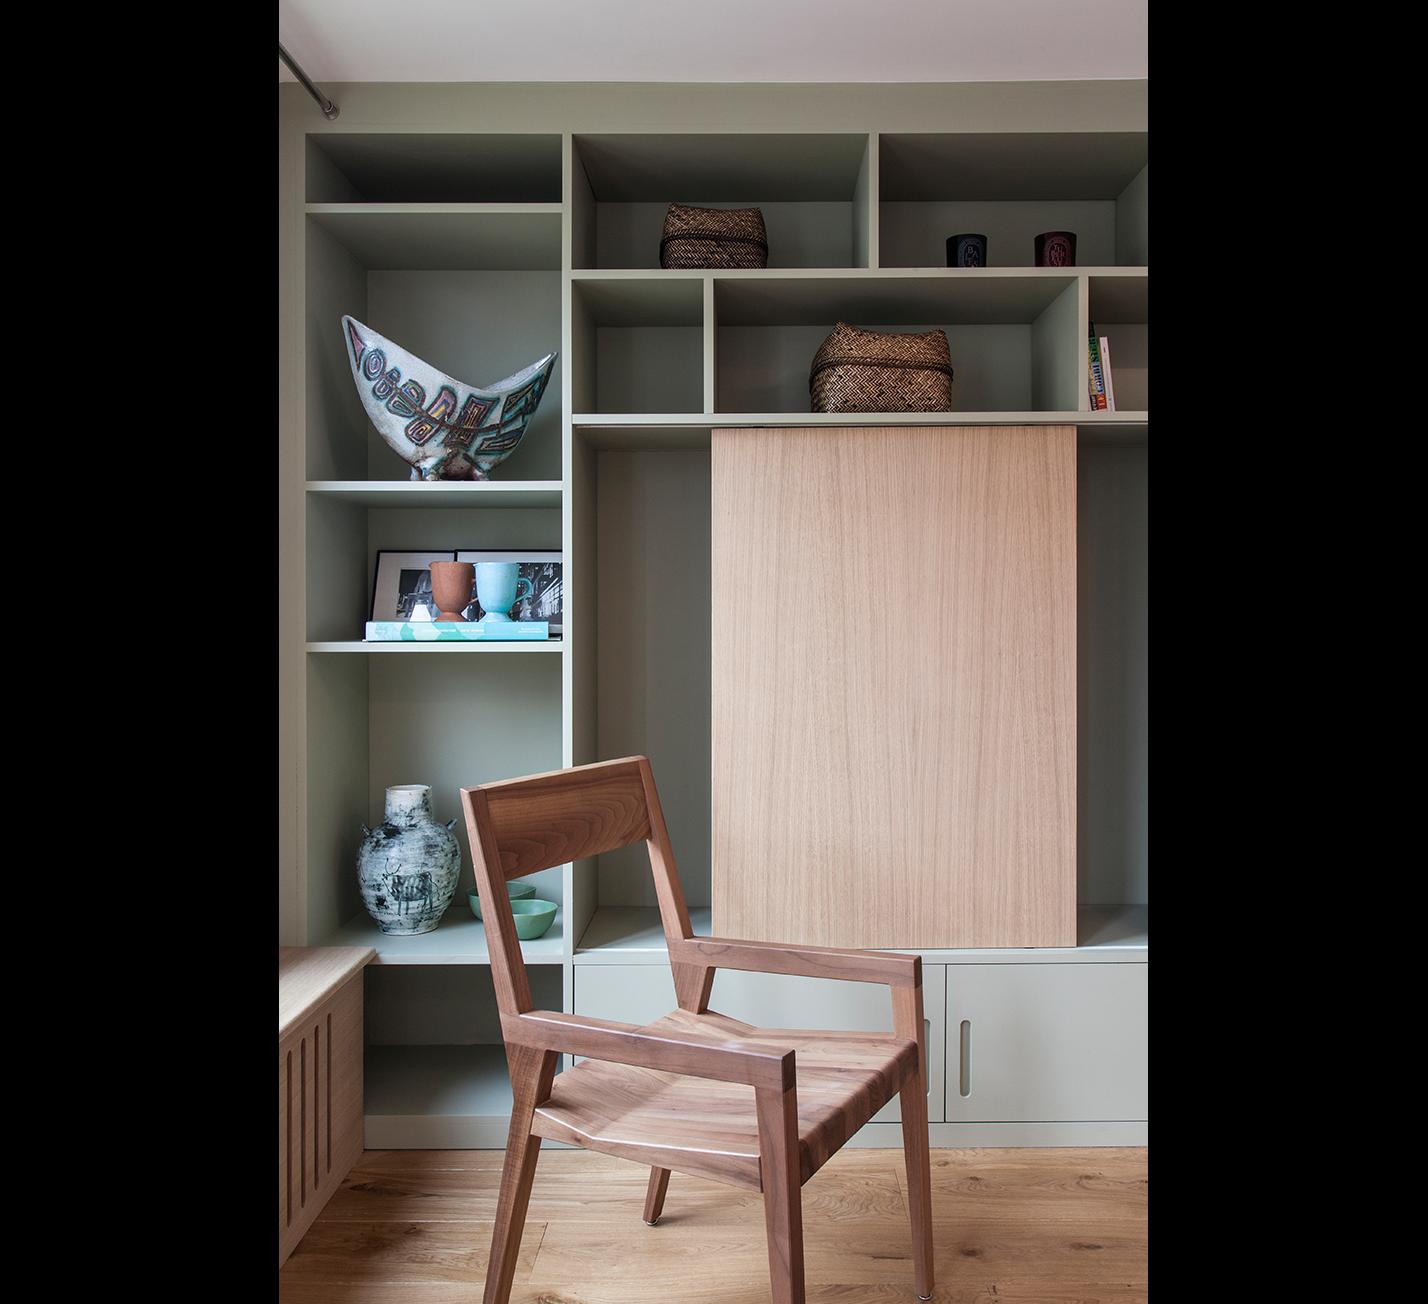 Projet-Pigalle-Atelier-Steve-Pauline-Borgia-Architecture-interieur-02